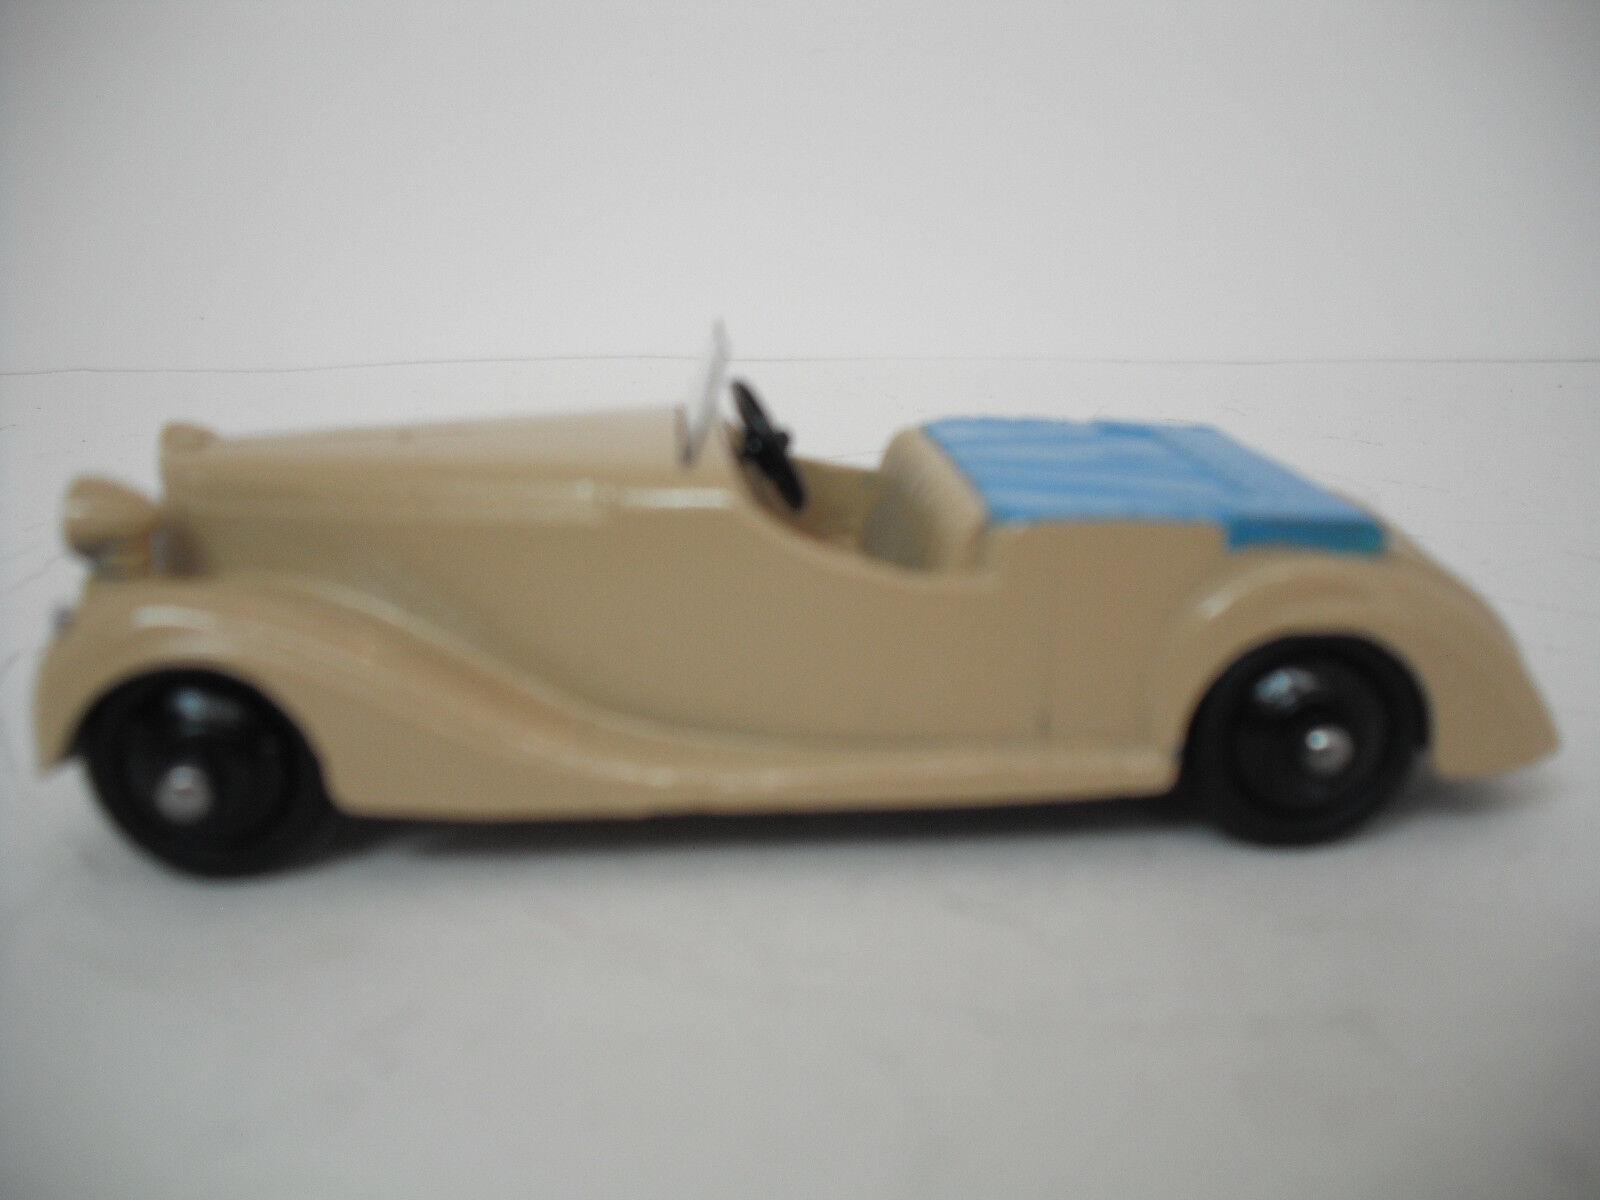 están haciendo actividades de descuento Vintage Dinky Juguetes  38b-G Sunbeam-Talbot por Meccano Diecast Diecast Diecast Coche. restaurado Raro  descuento de ventas en línea